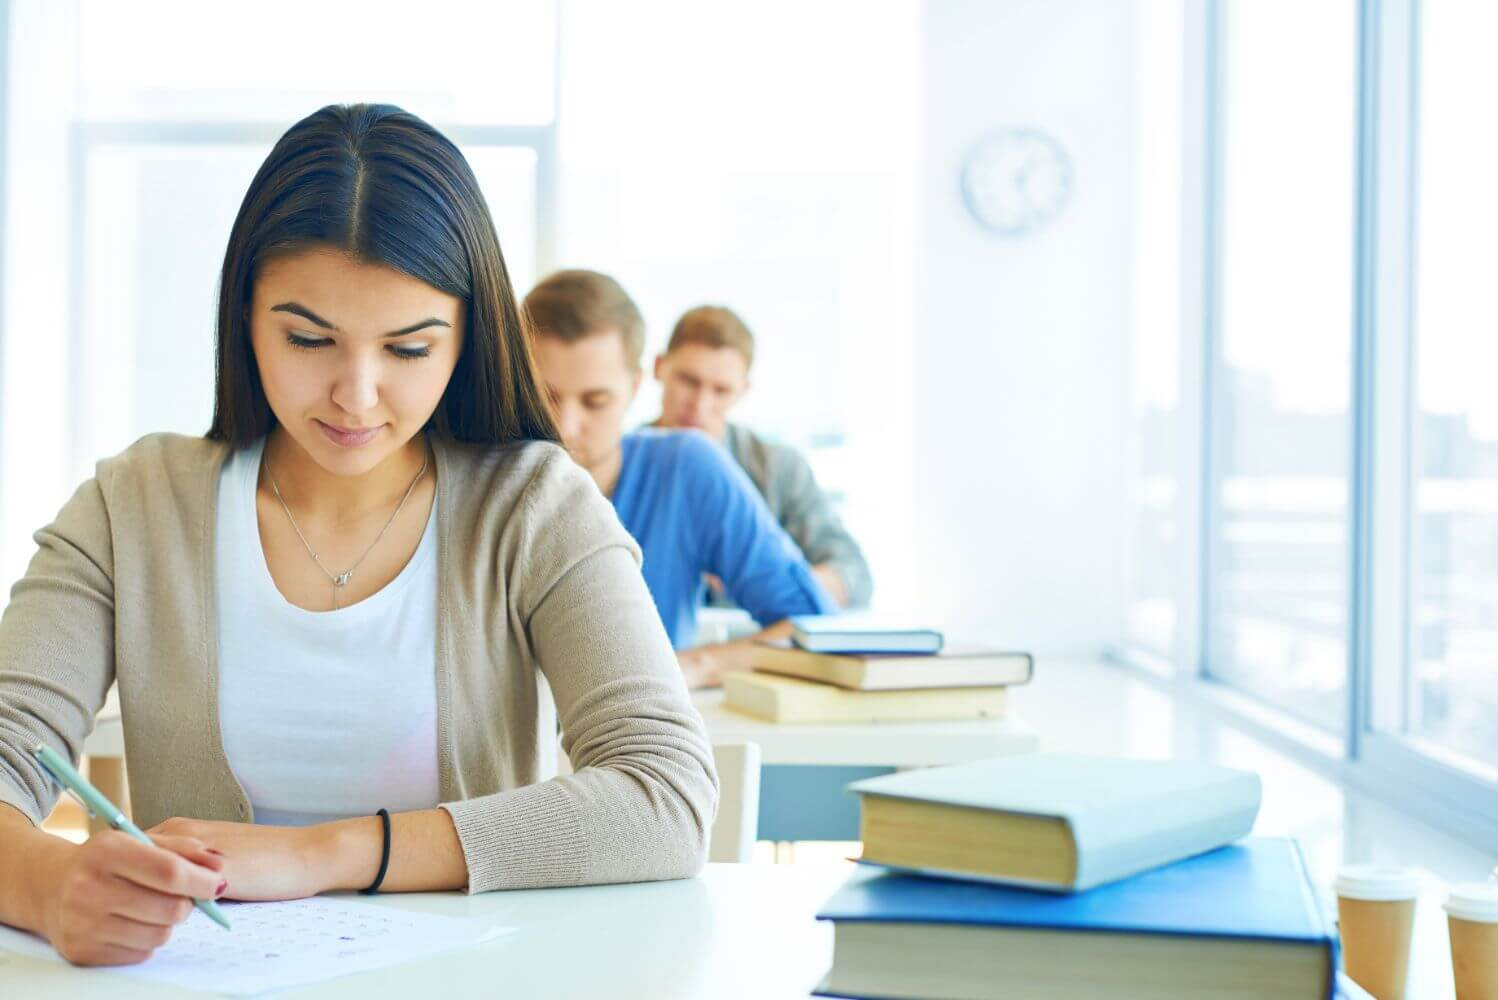 Πανελλήνιες 2021: Τι ανακοίνωσε το Υπουργείο Παιδείας για τις προθεσμίες